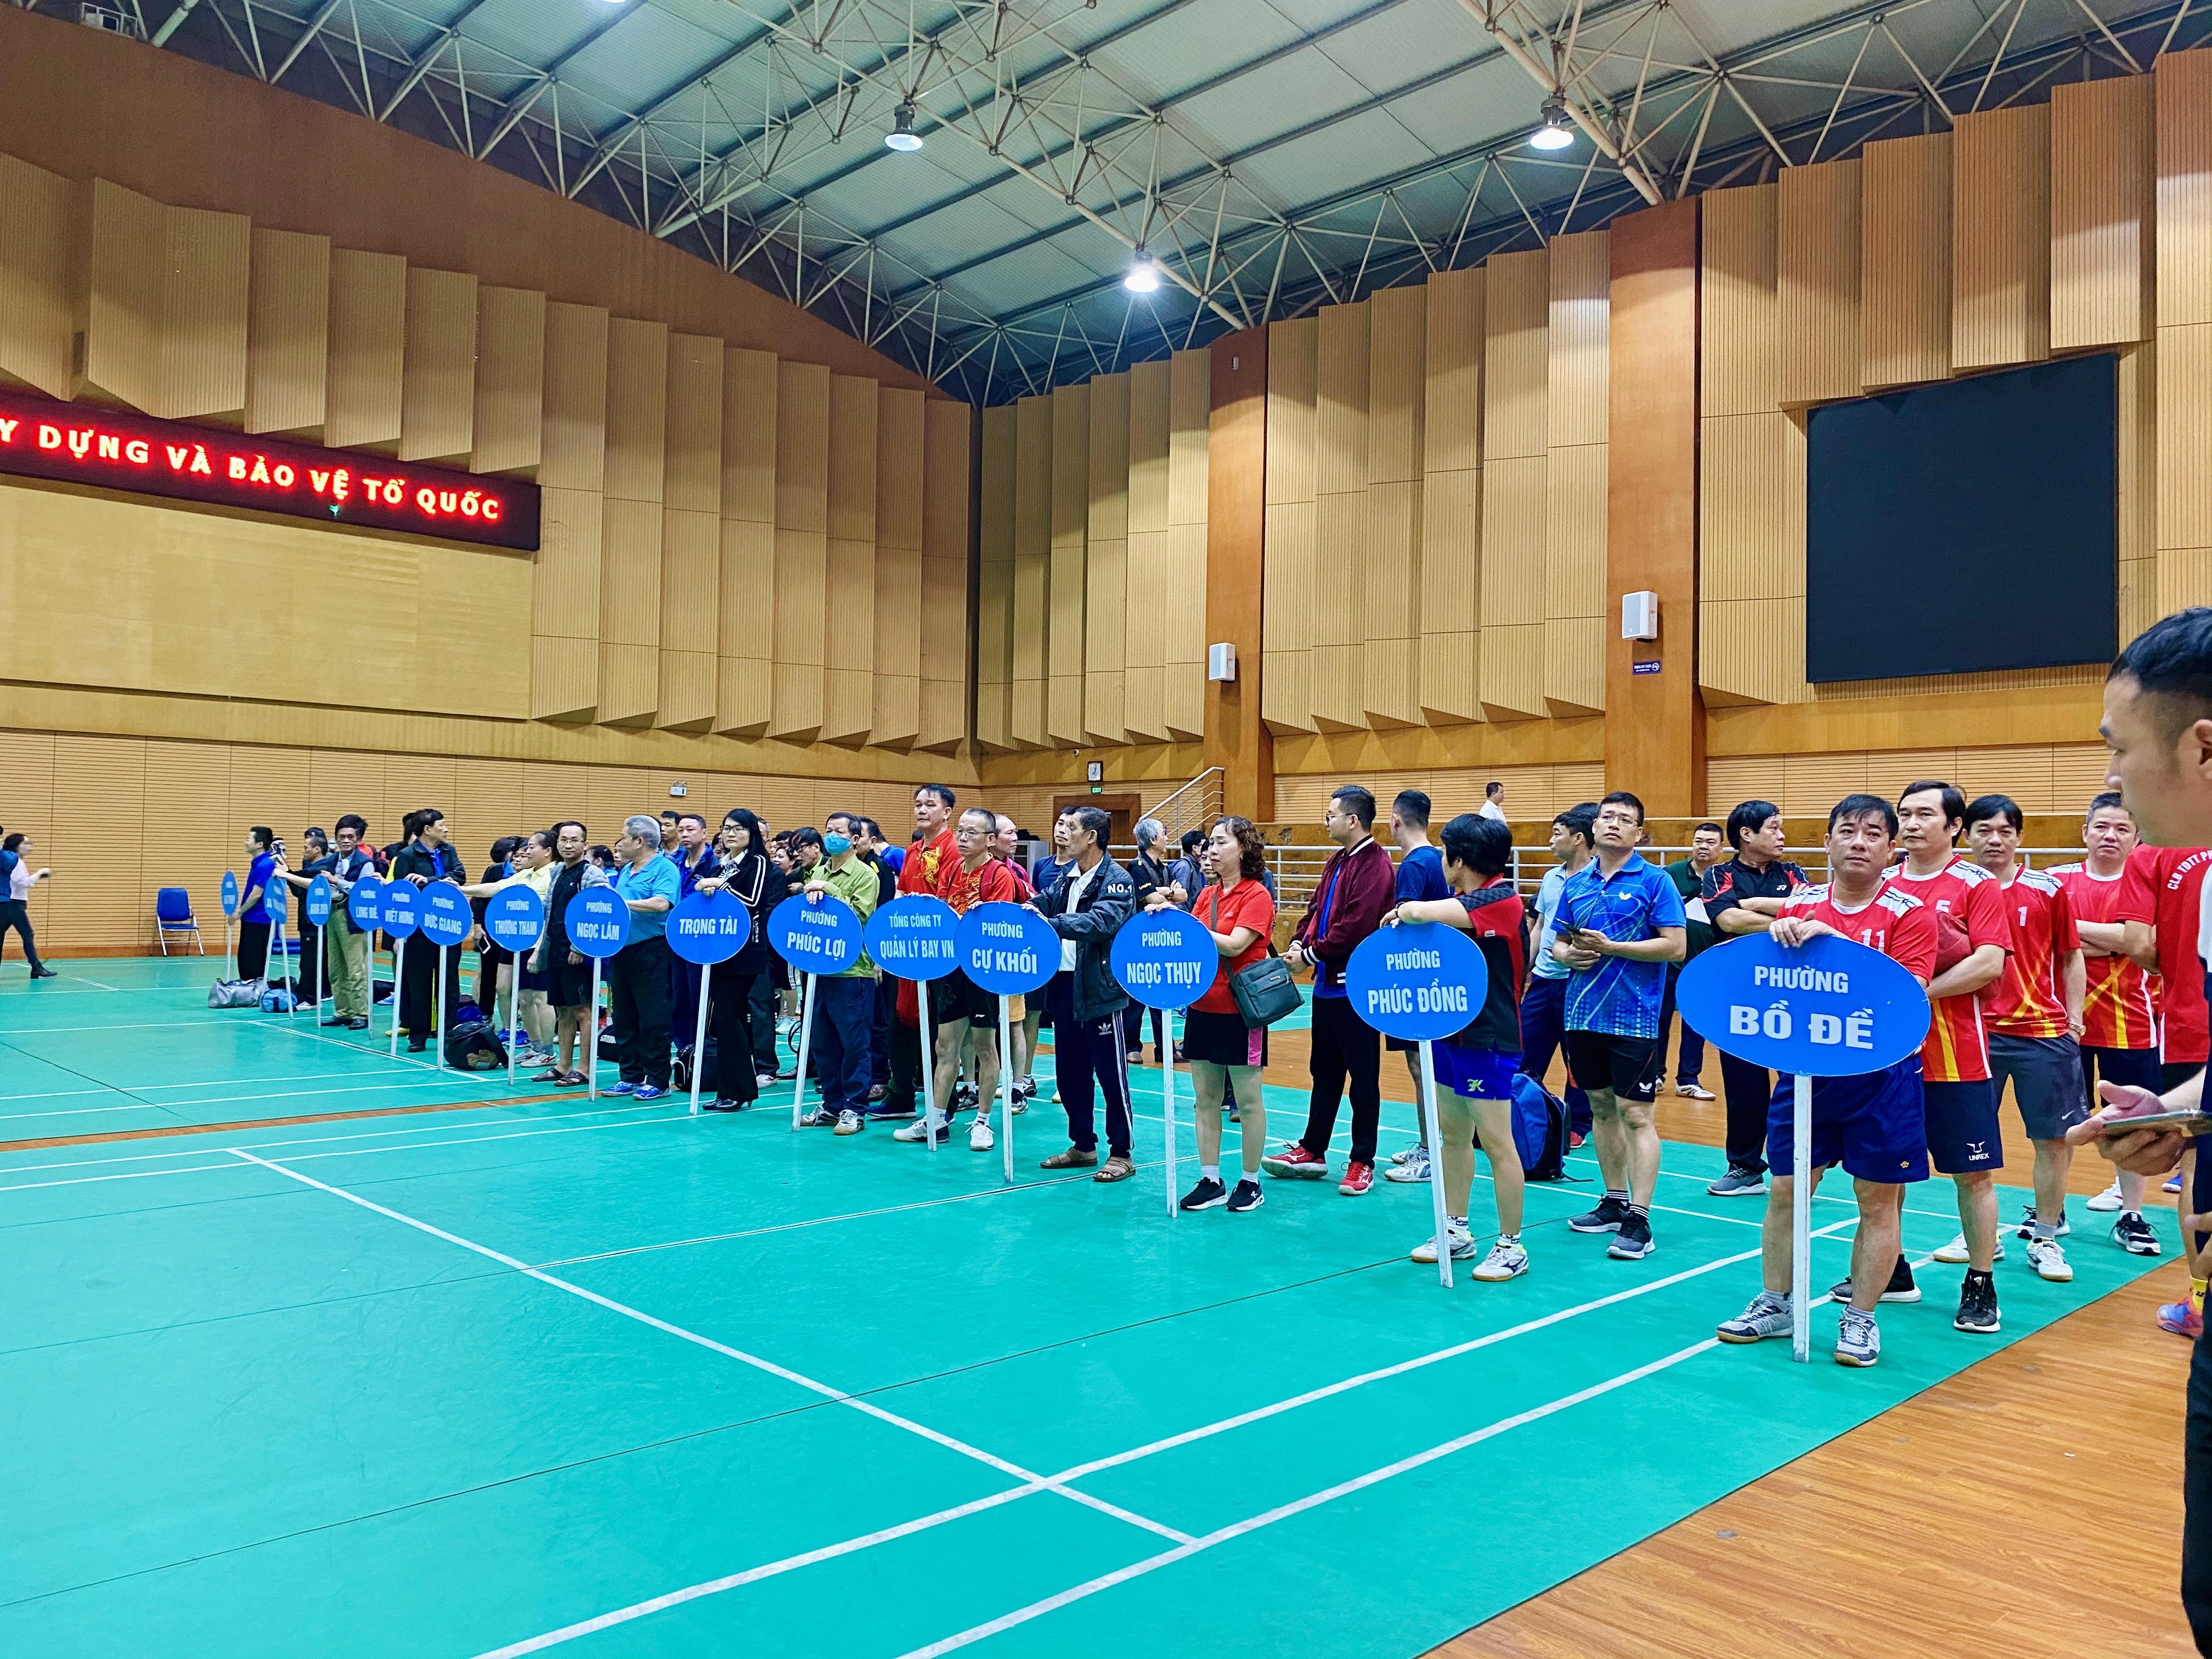 Kết quả tham gia giải Bóng Bàn Quận Long Biên năm 2021